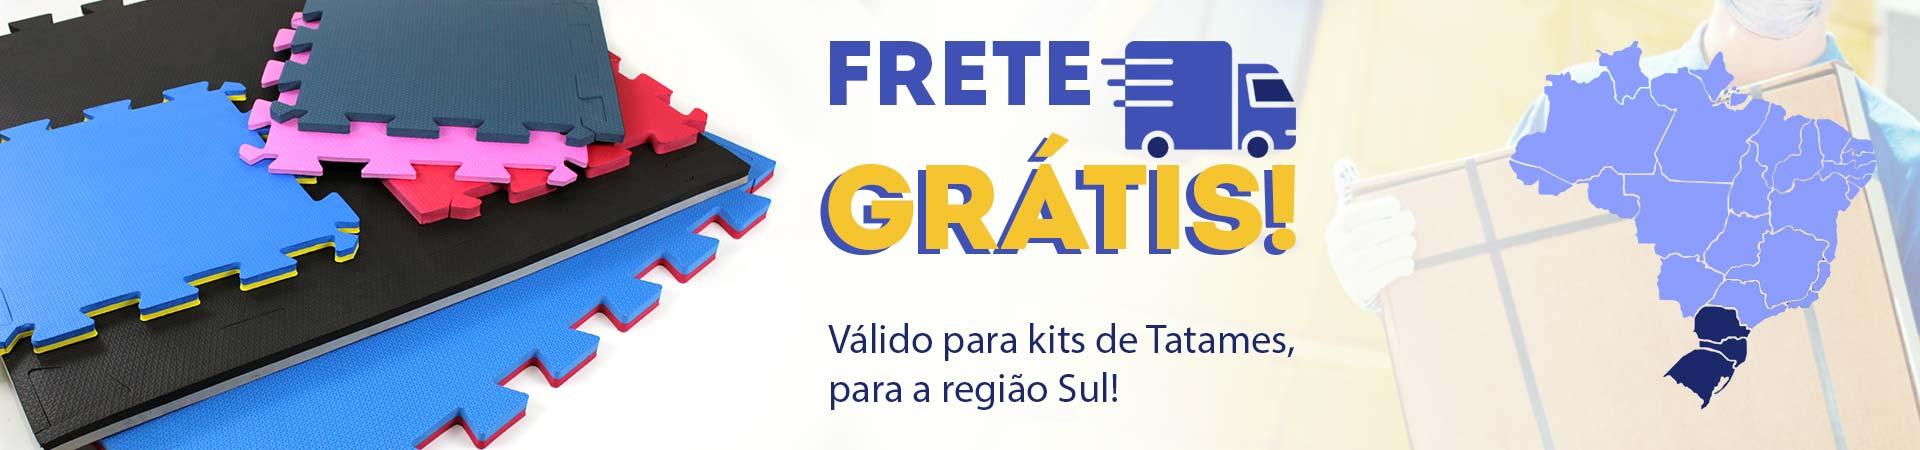 Frete Grátis Kits